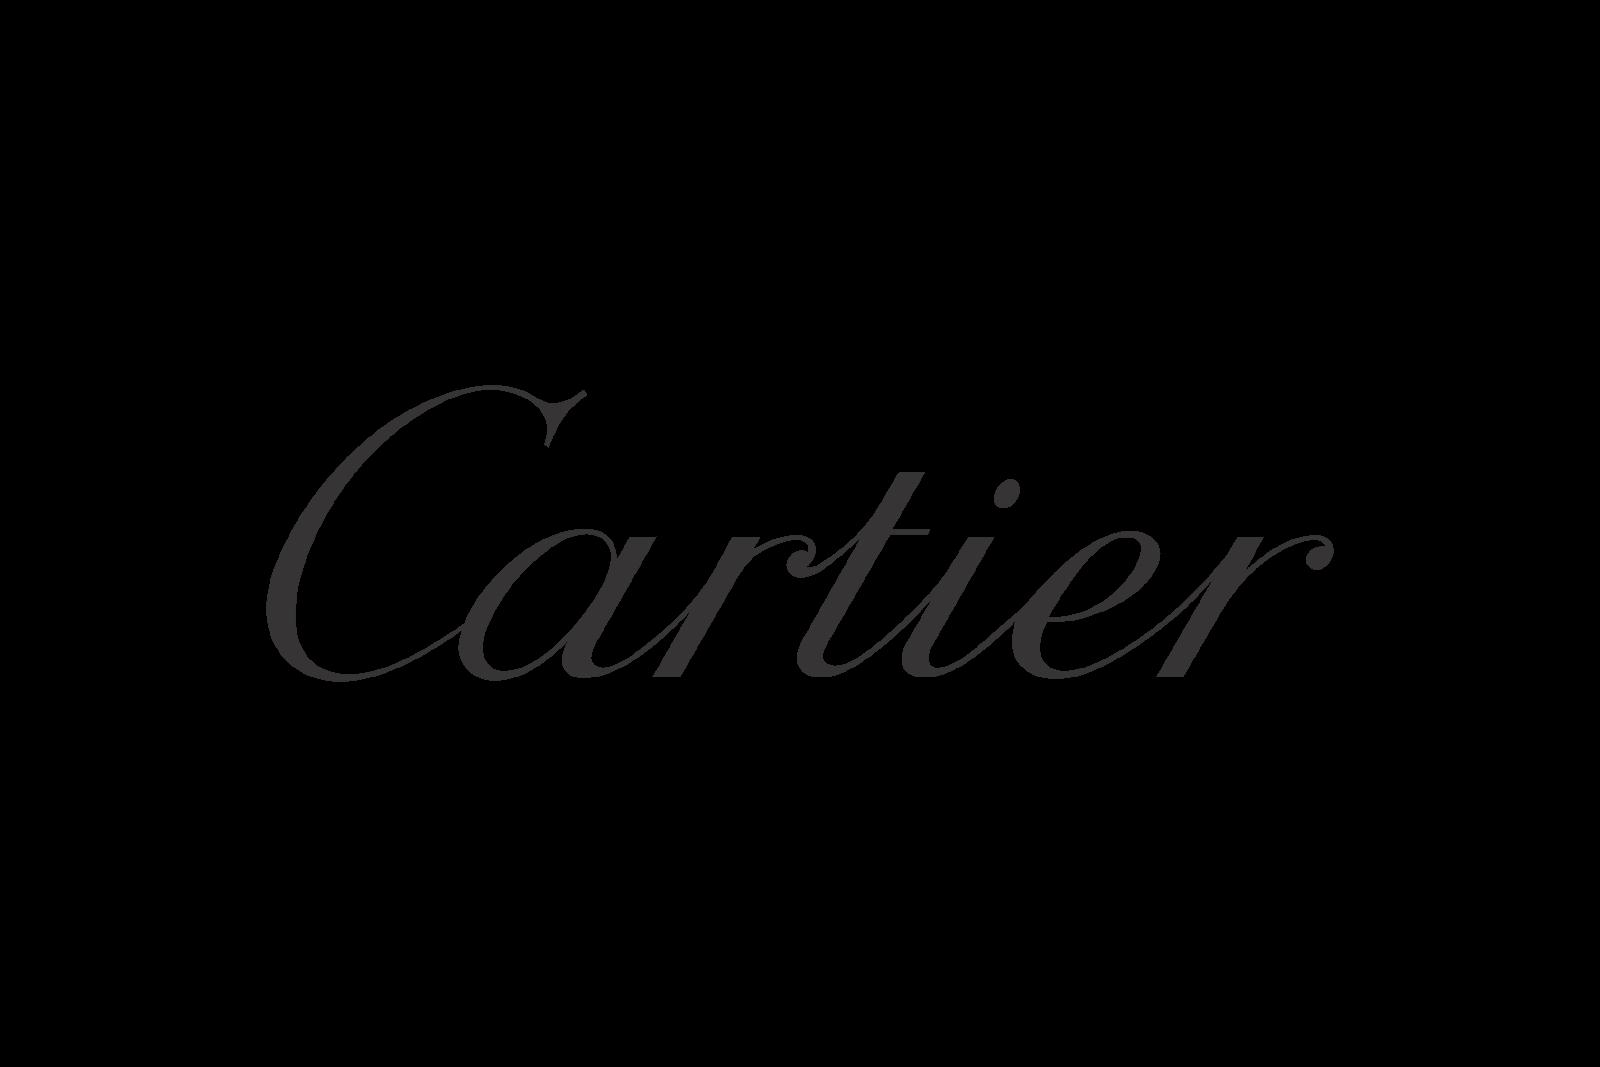 explorer/img/logos/cartier.png